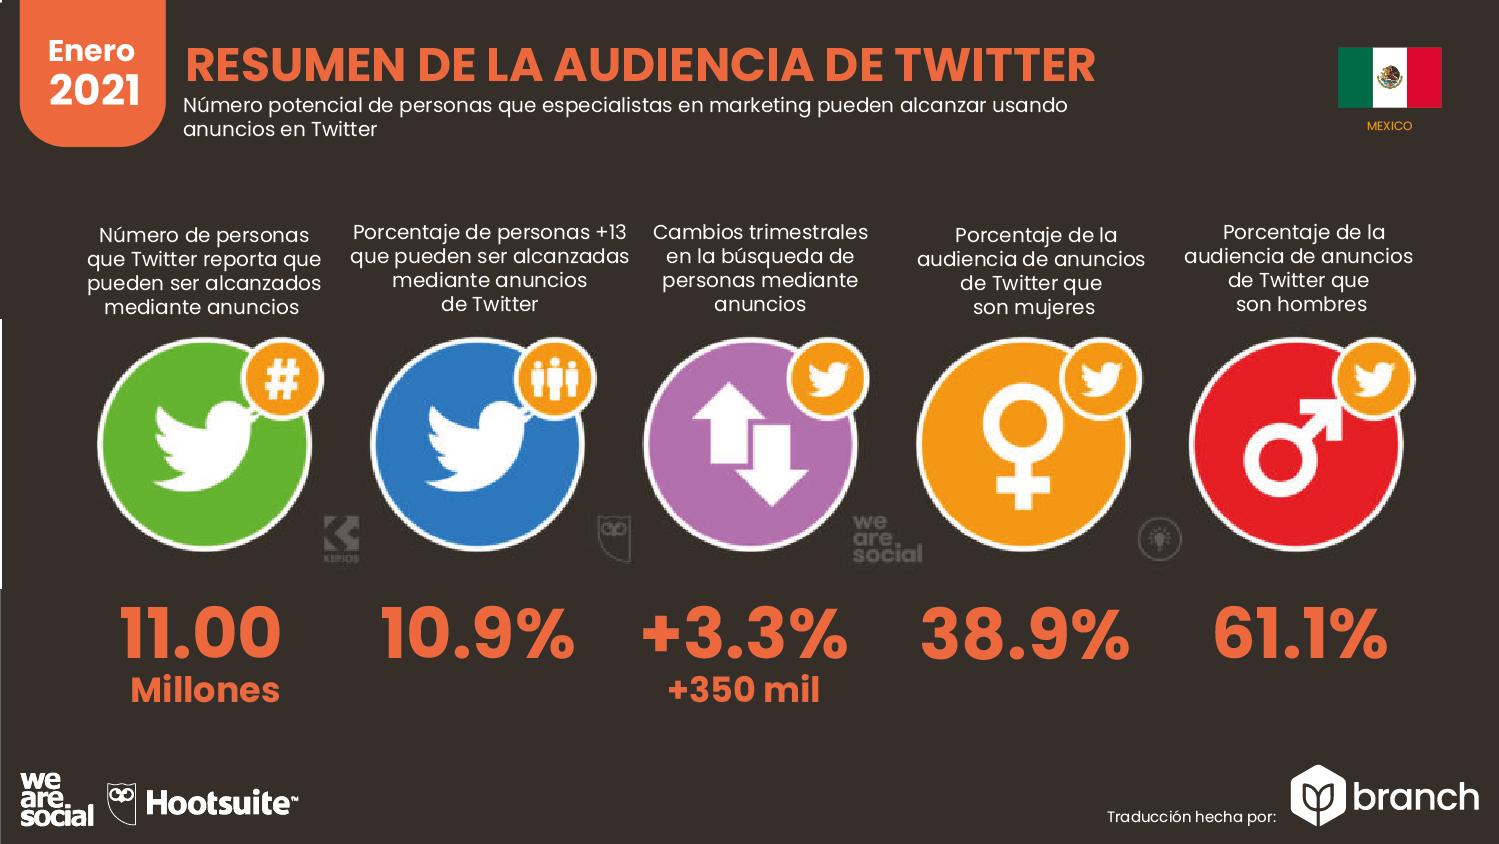 audiencia-de-twitter-en-mexico-2020-2021